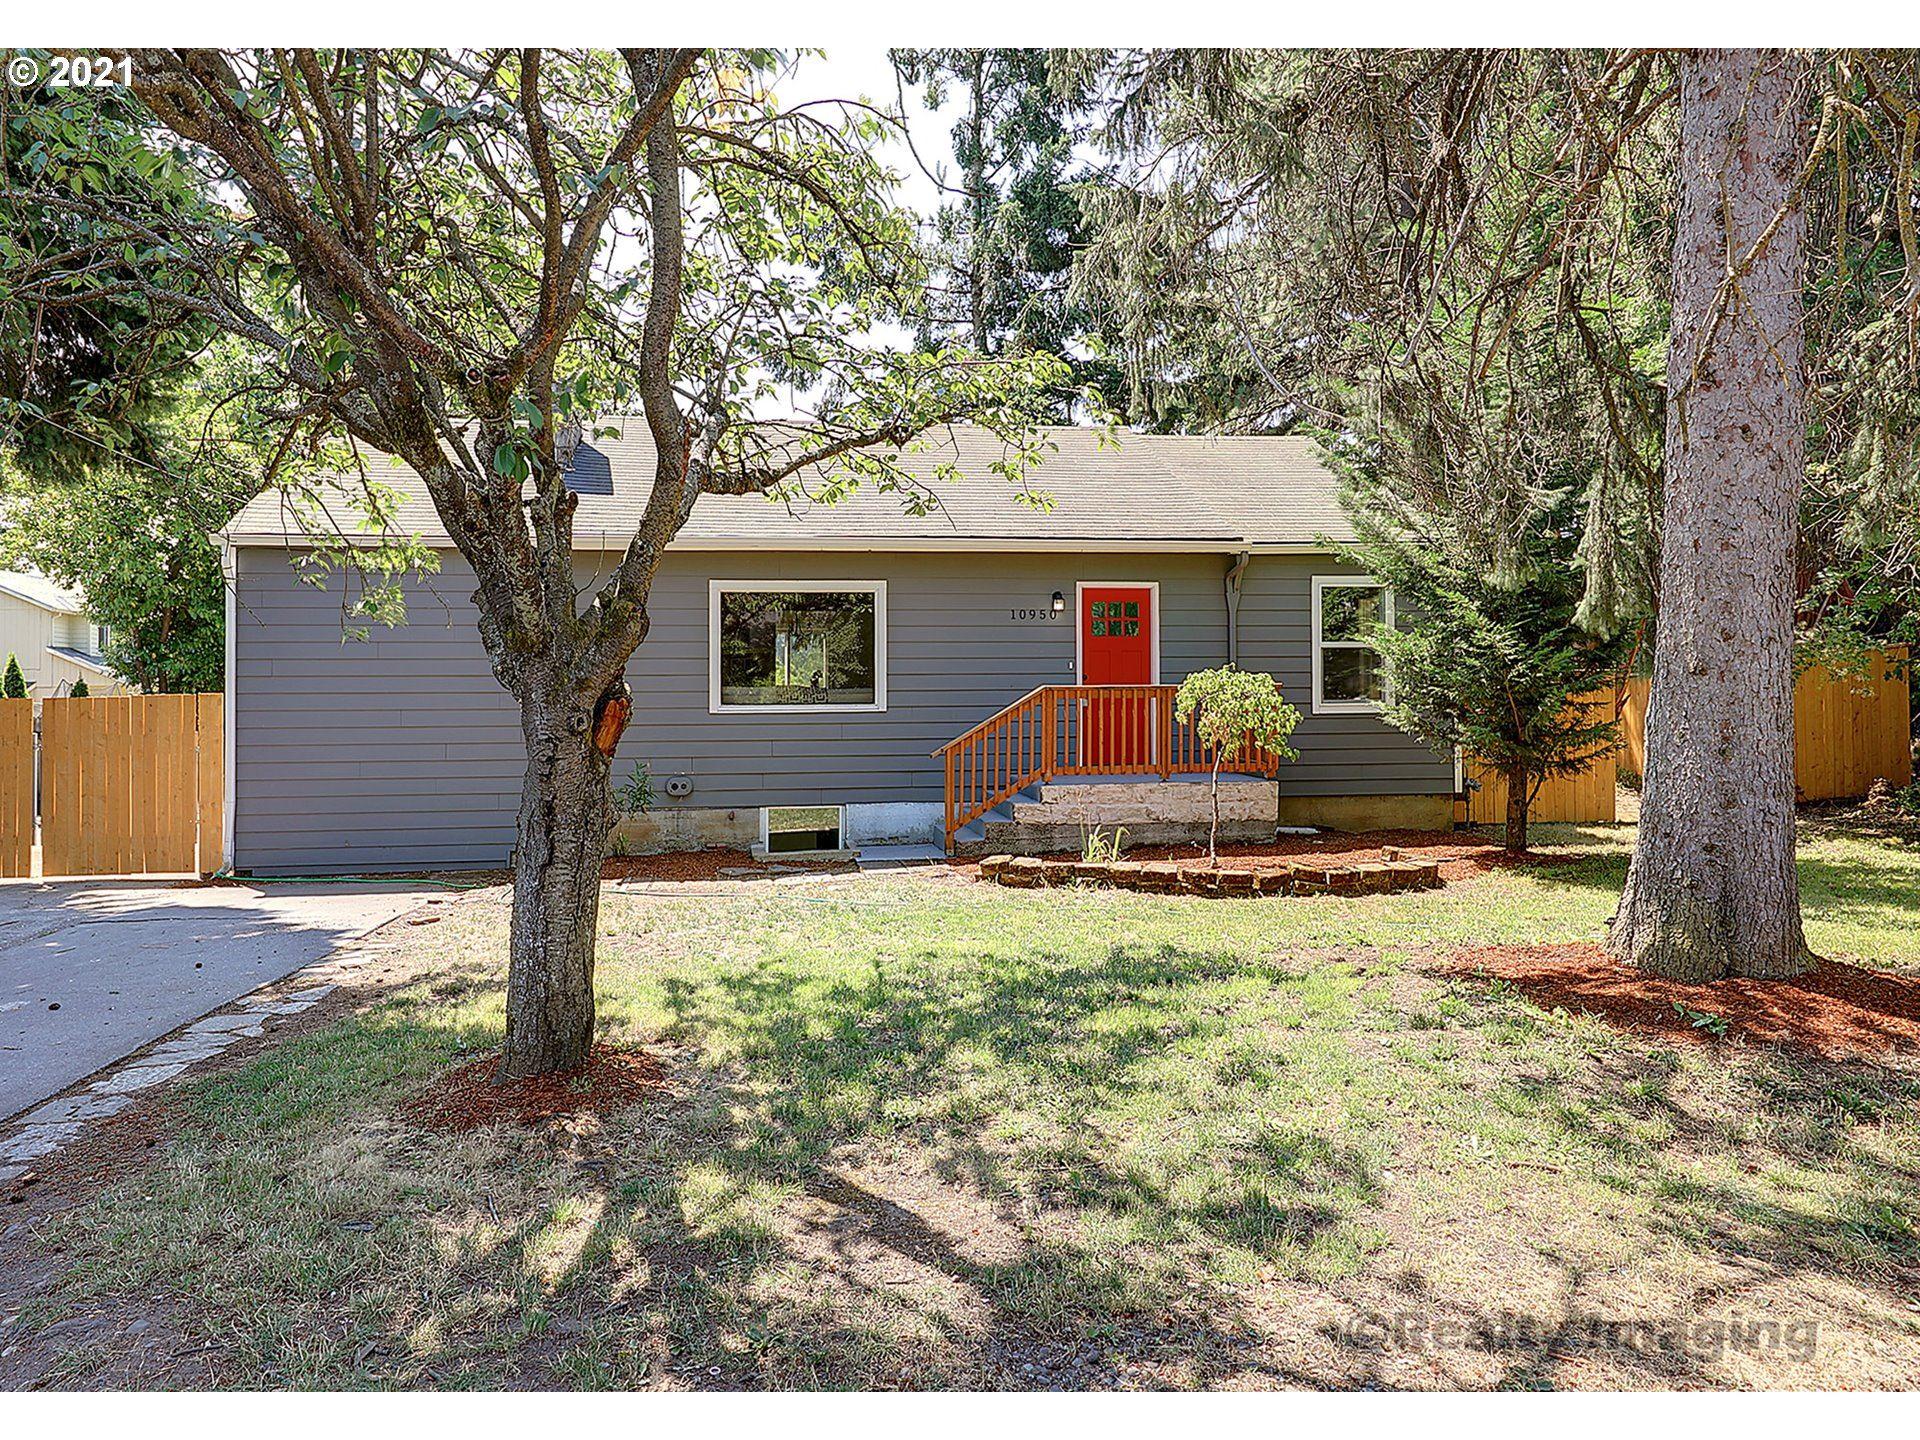 10950 SE HAROLD ST, Portland, OR 97266 - MLS#: 21535353